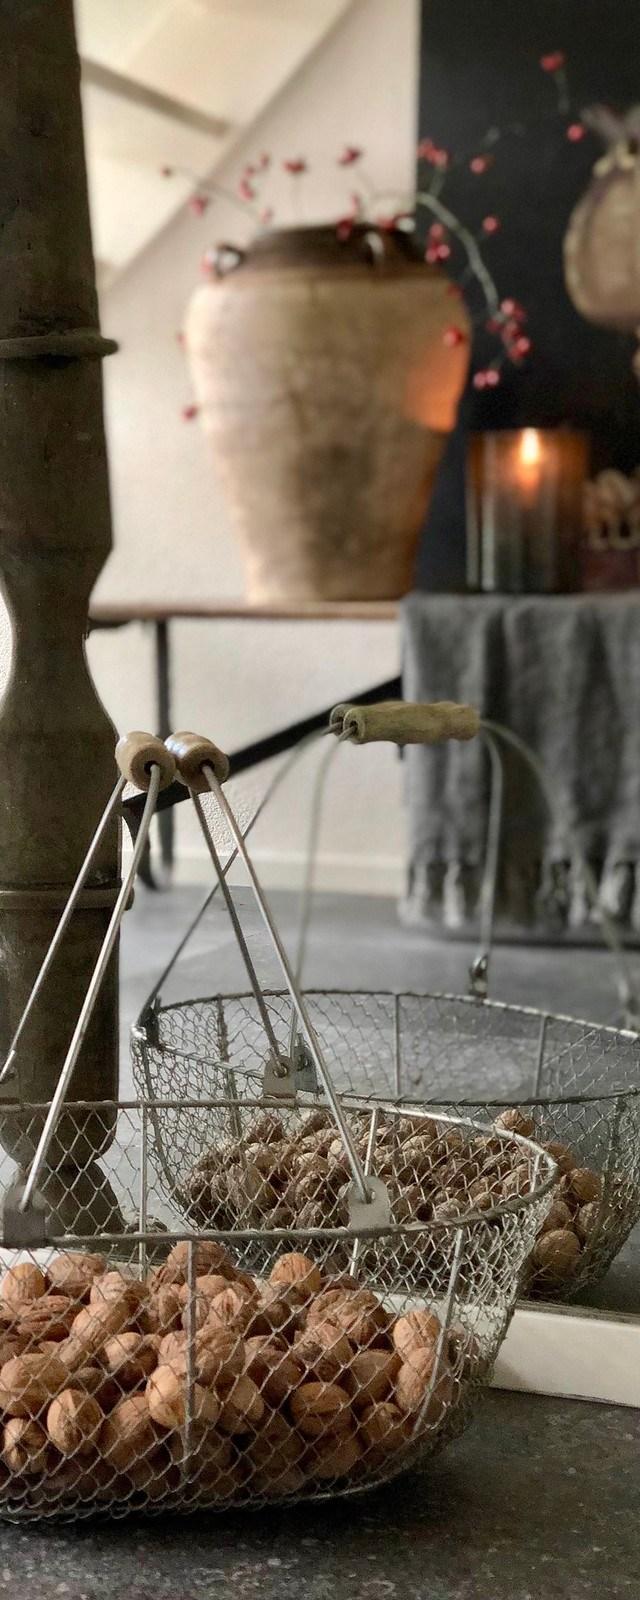 Spiegel draadmand met walnoten kandelaar